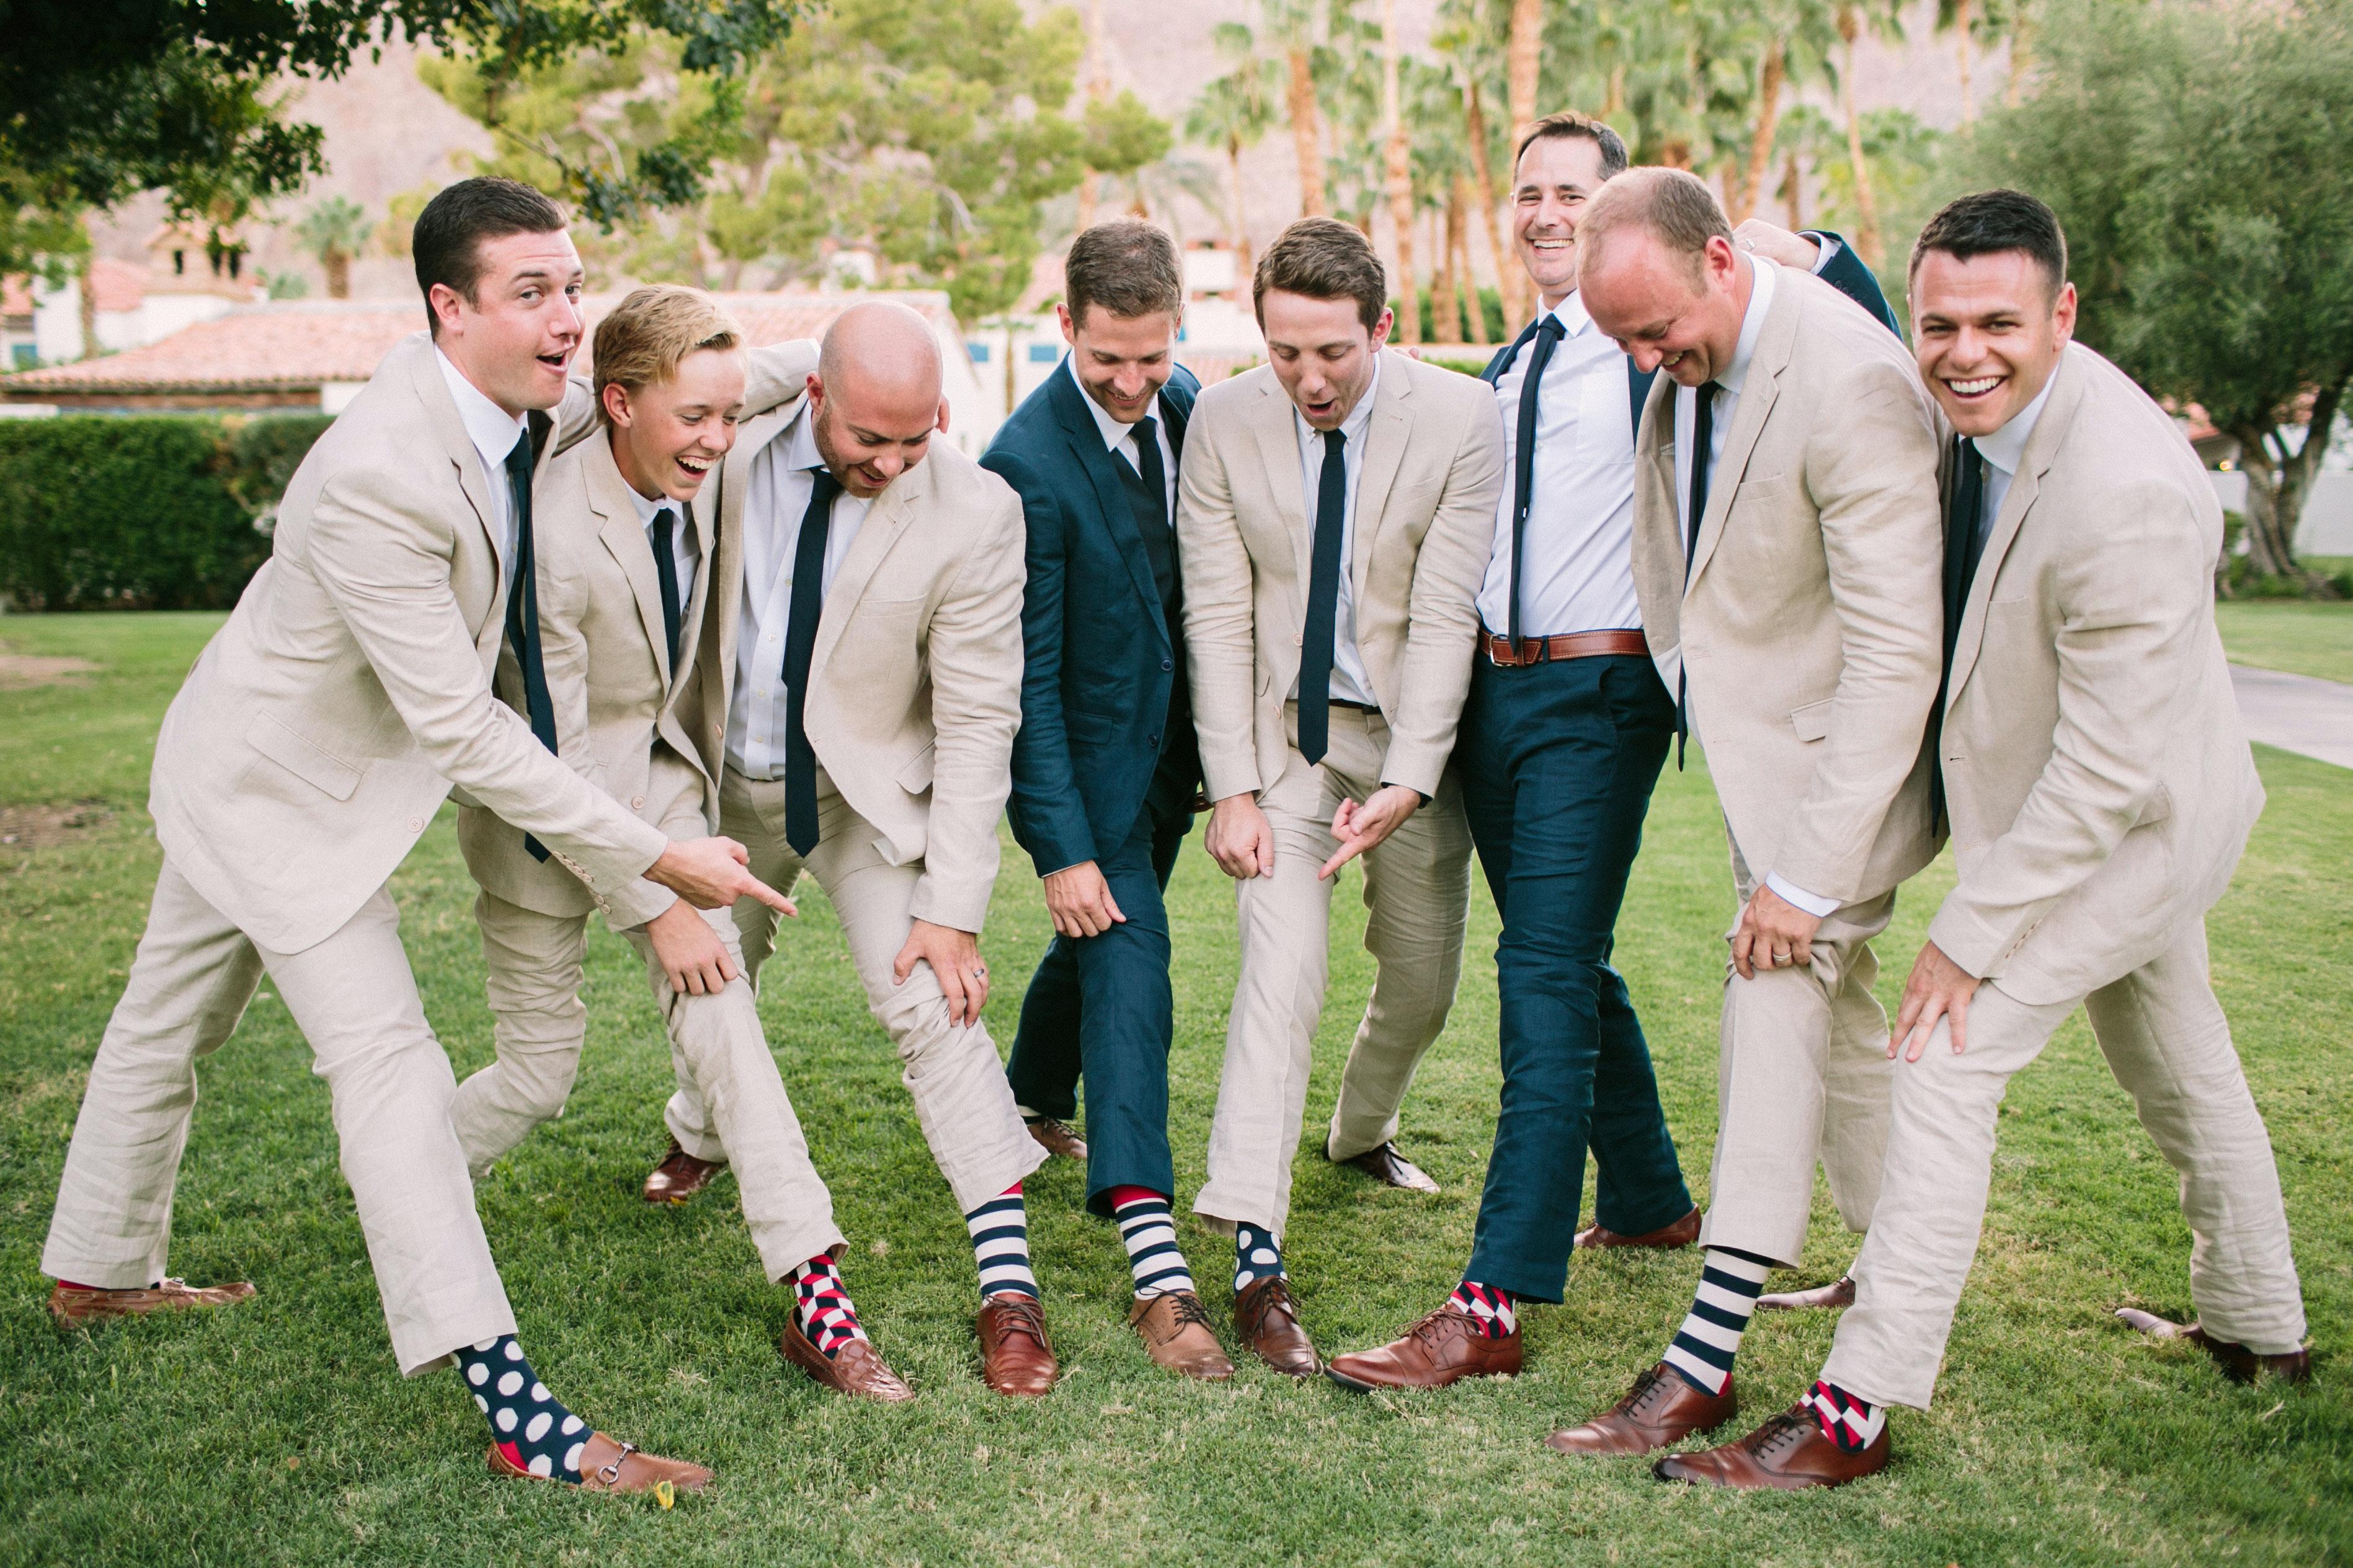 groomsmen fondly forever